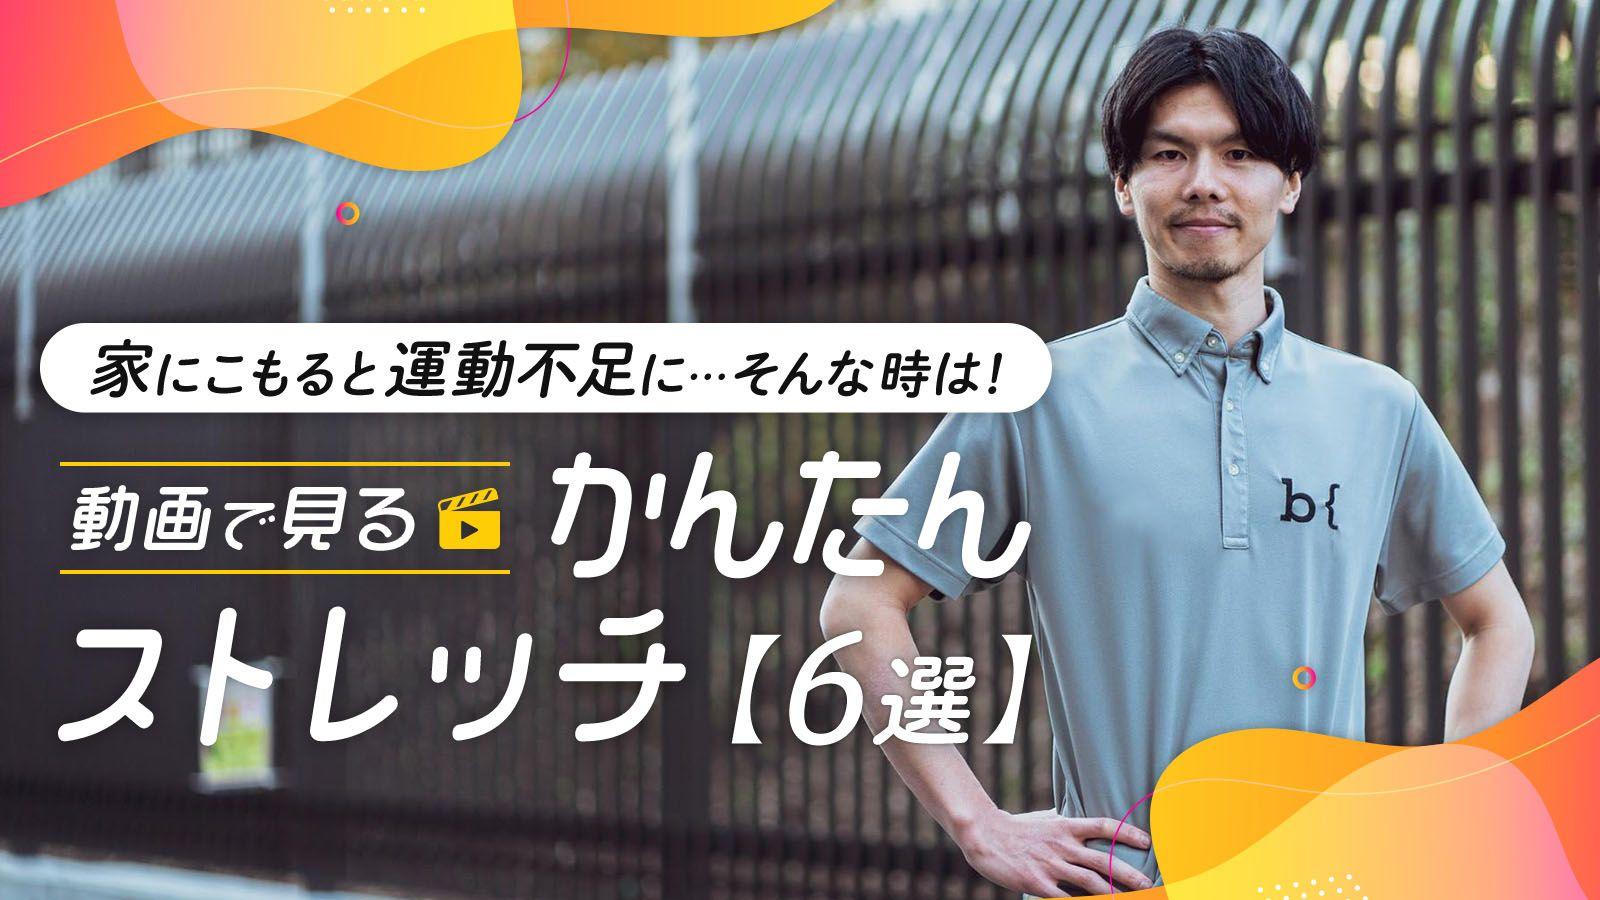 [動画]今すぐかんたんストレッチ! 人気パーソナルトレーナー 鈴木孝佳さんに聞きました